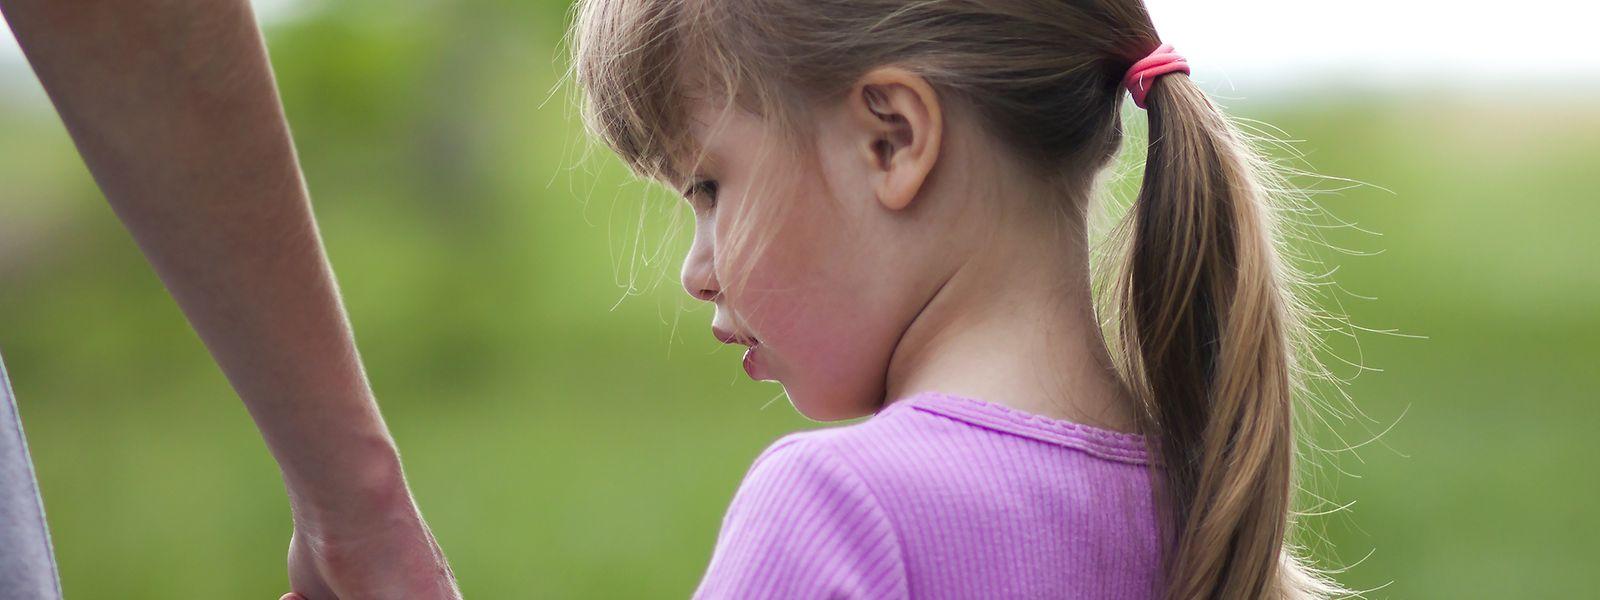 Die Kinder leiden besonders unter der Armut.